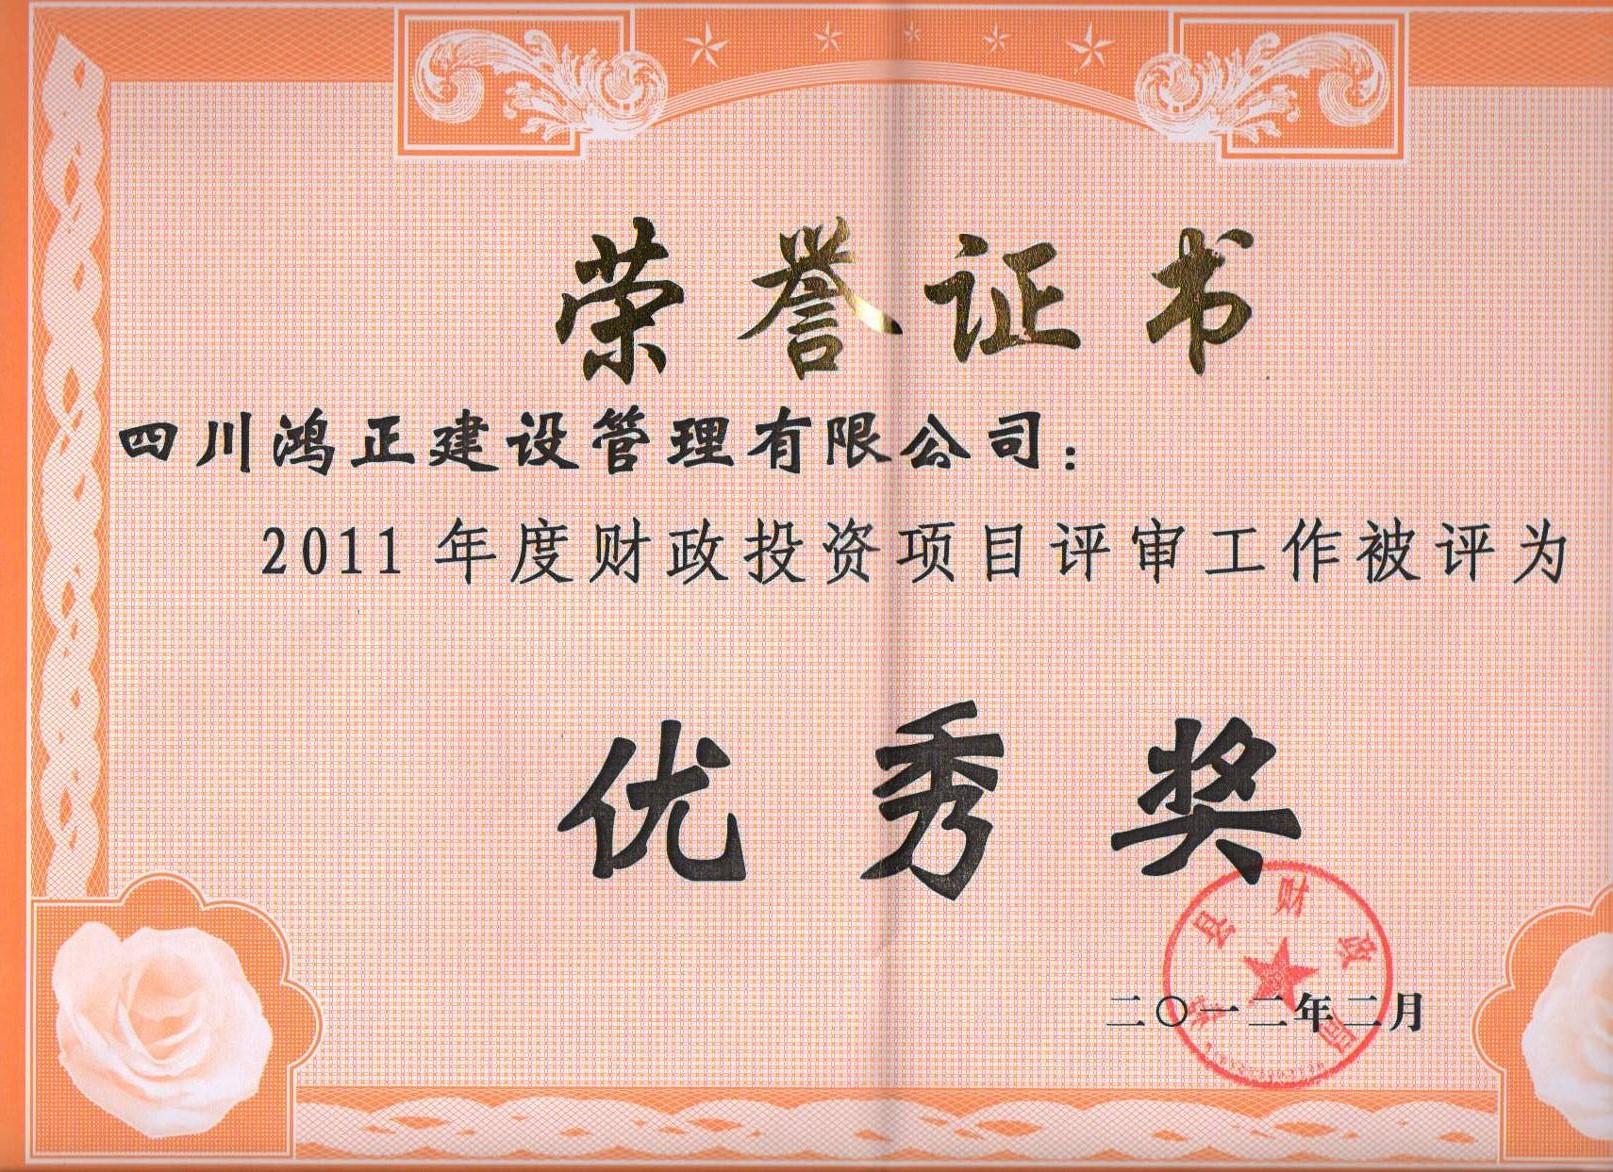 2011年度财政投资项目评审...